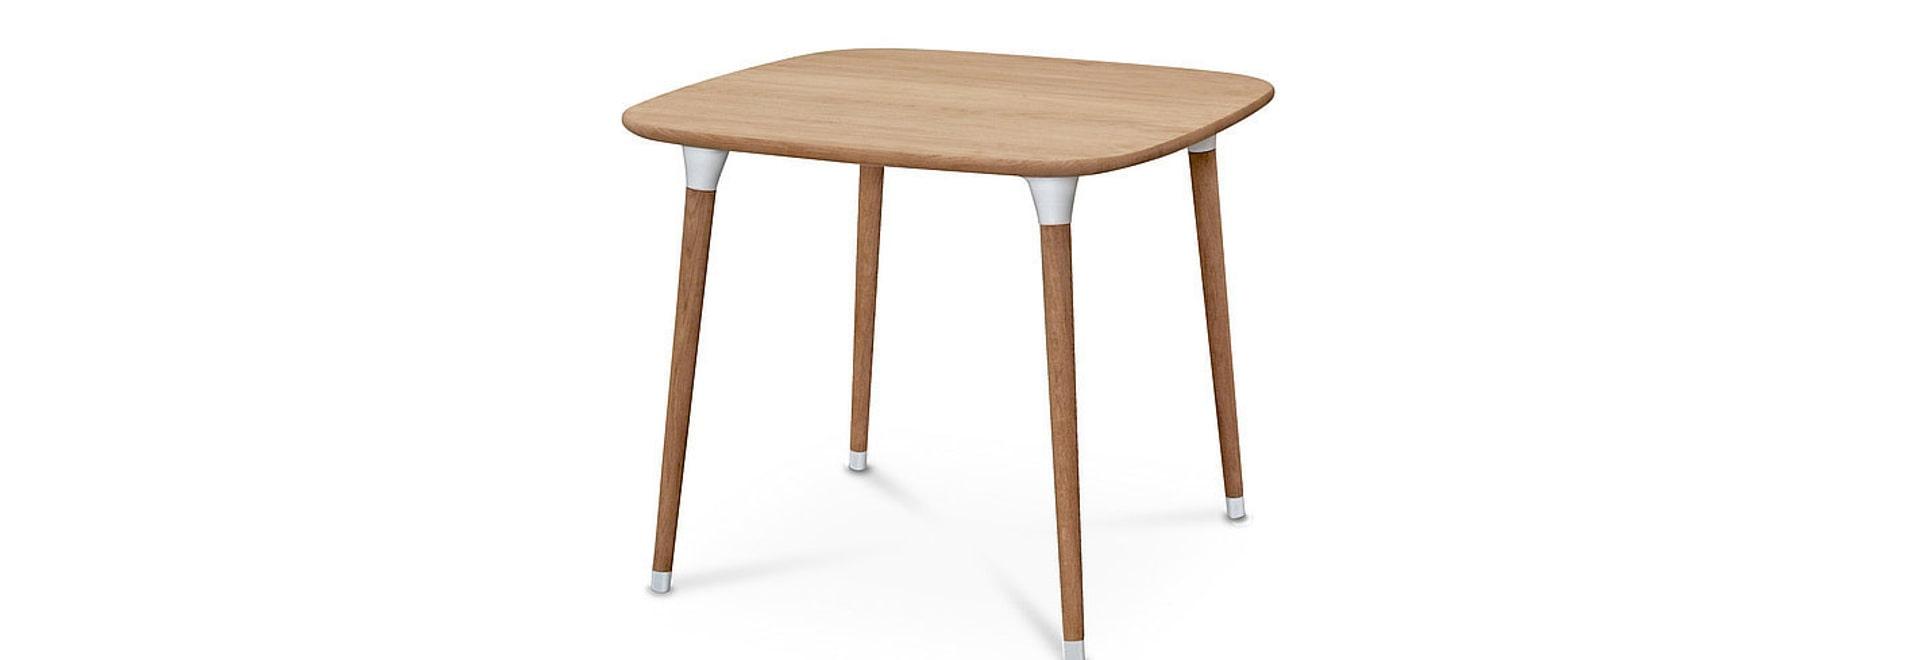 Paustian ASAP Table